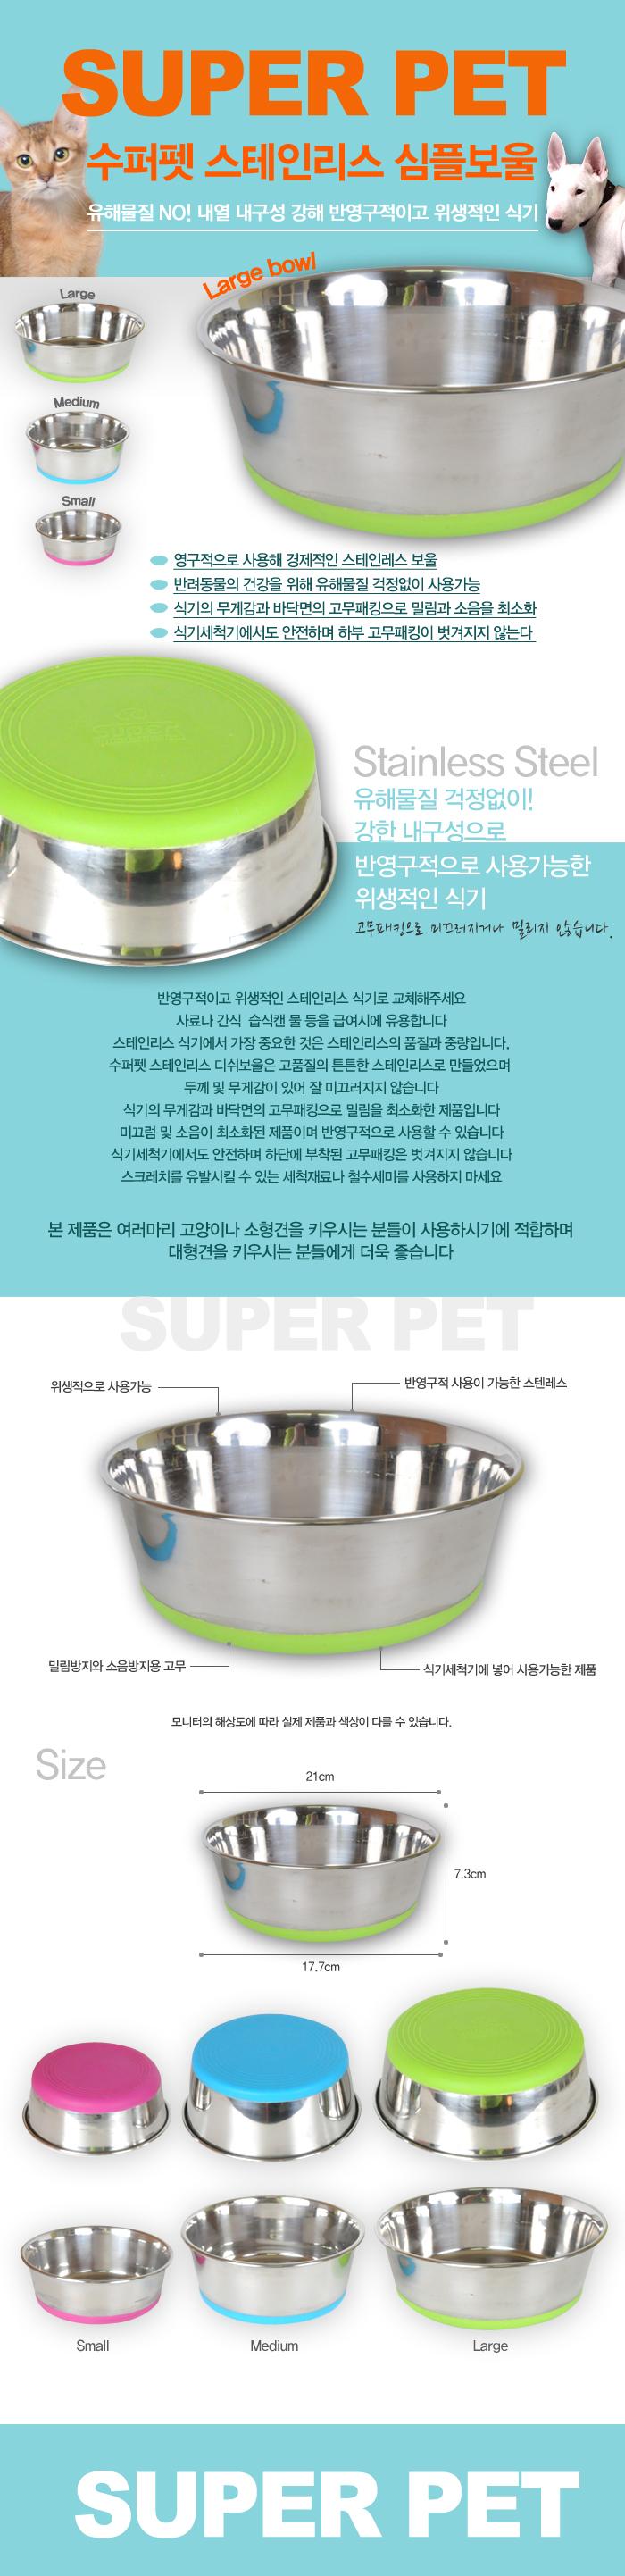 수퍼펫 스테인리스 심플보울 L - 수퍼펫, 14,250원, 급수/급식기, 식기/식탁